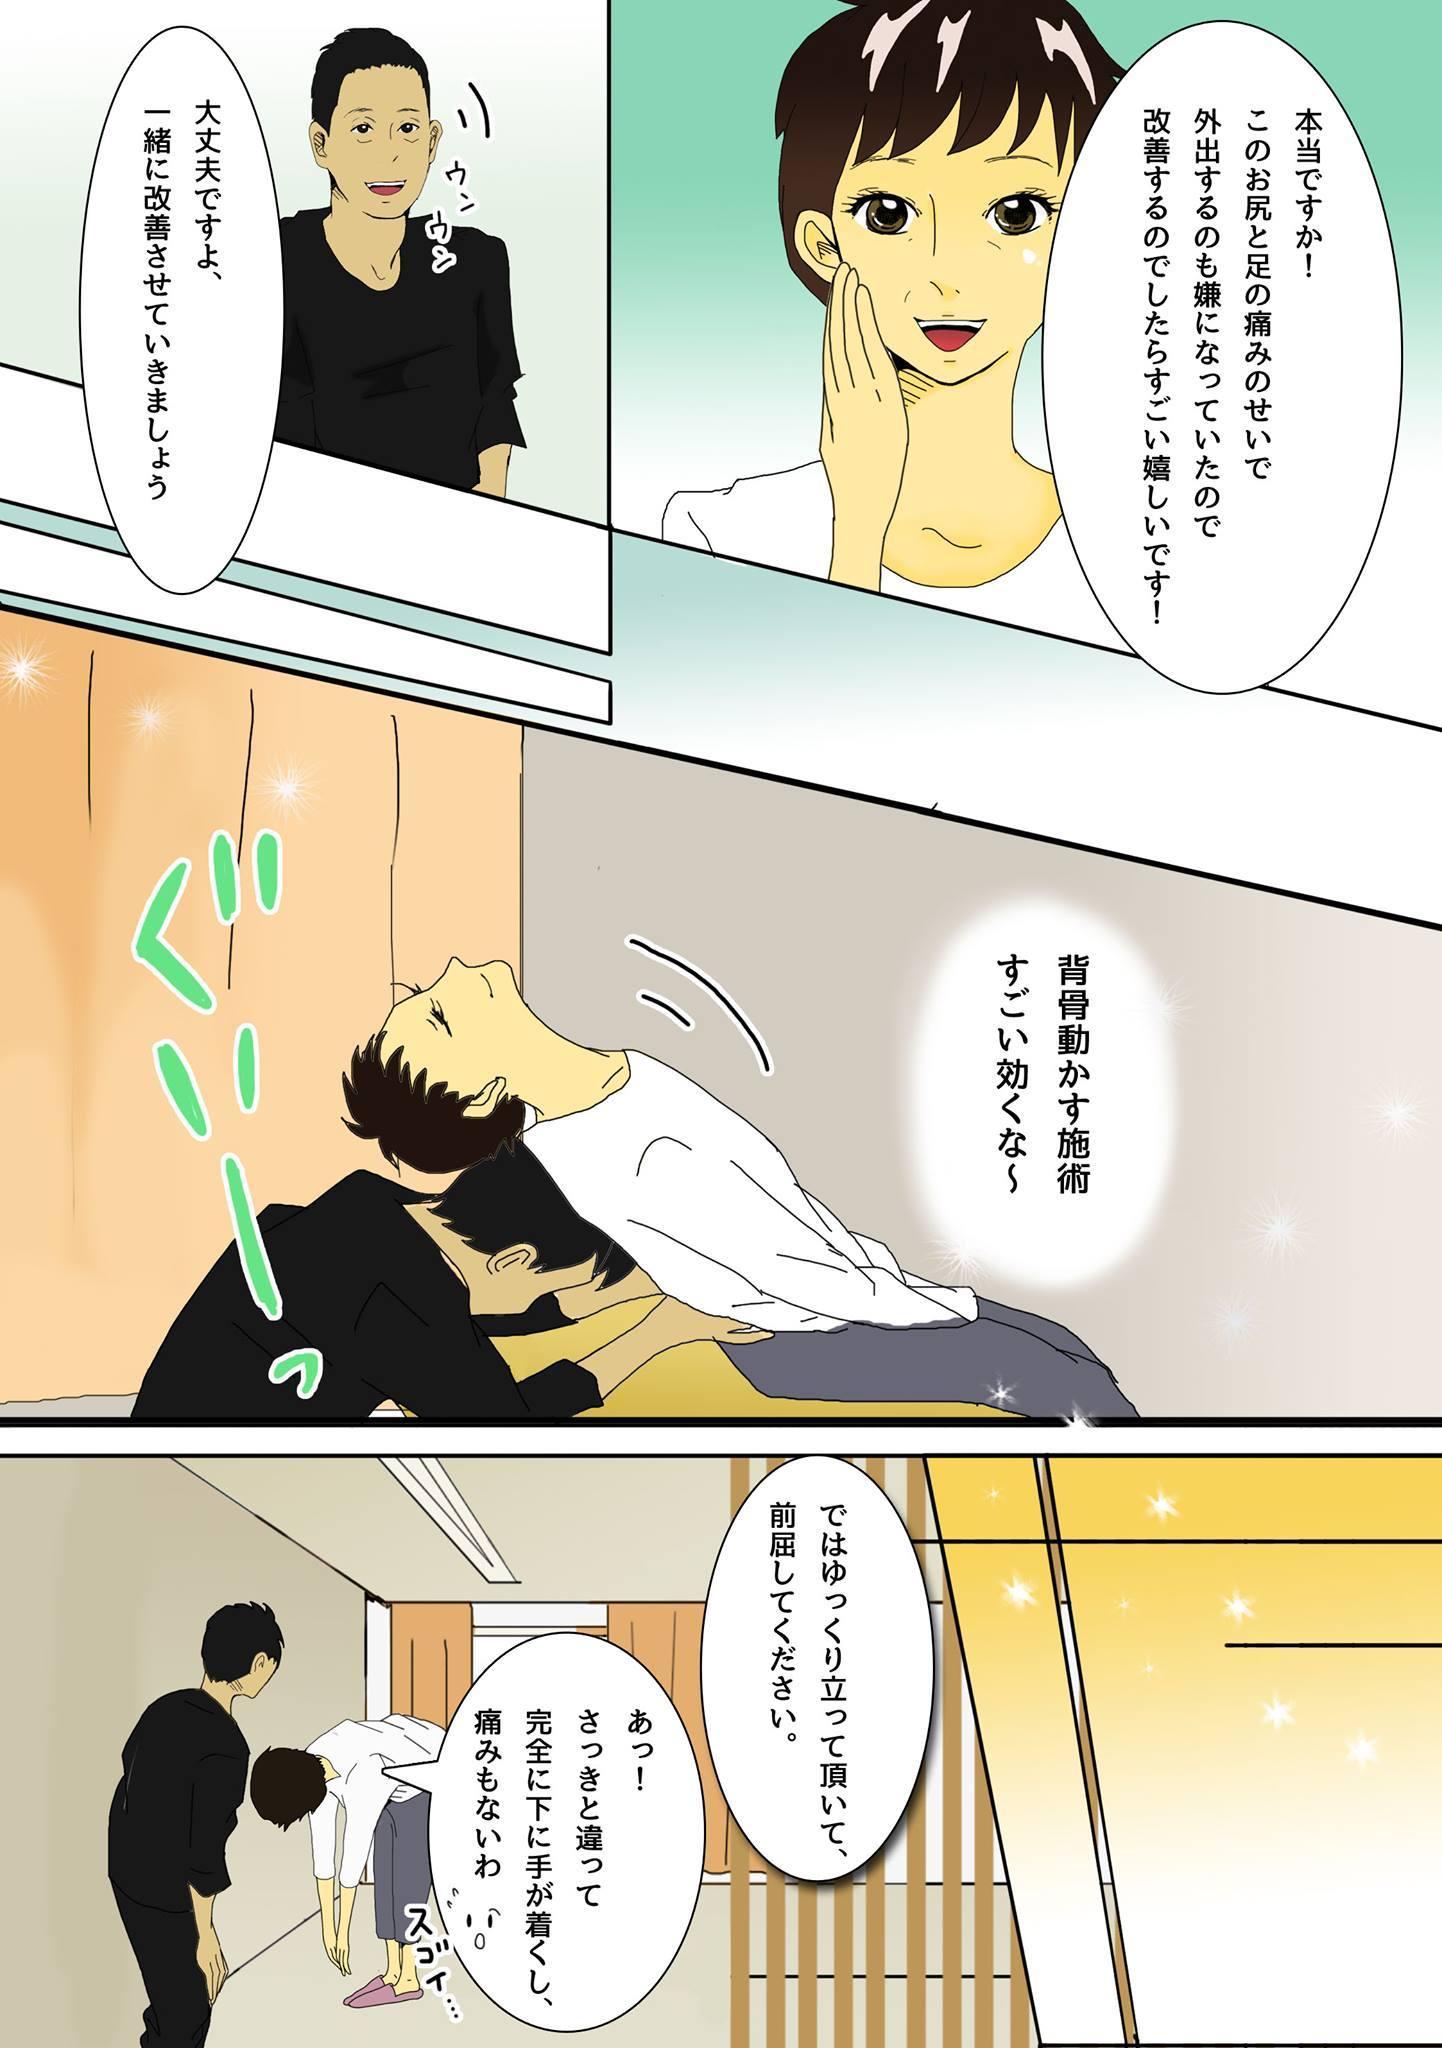 腰痛専門 せがわ接骨院漫画07